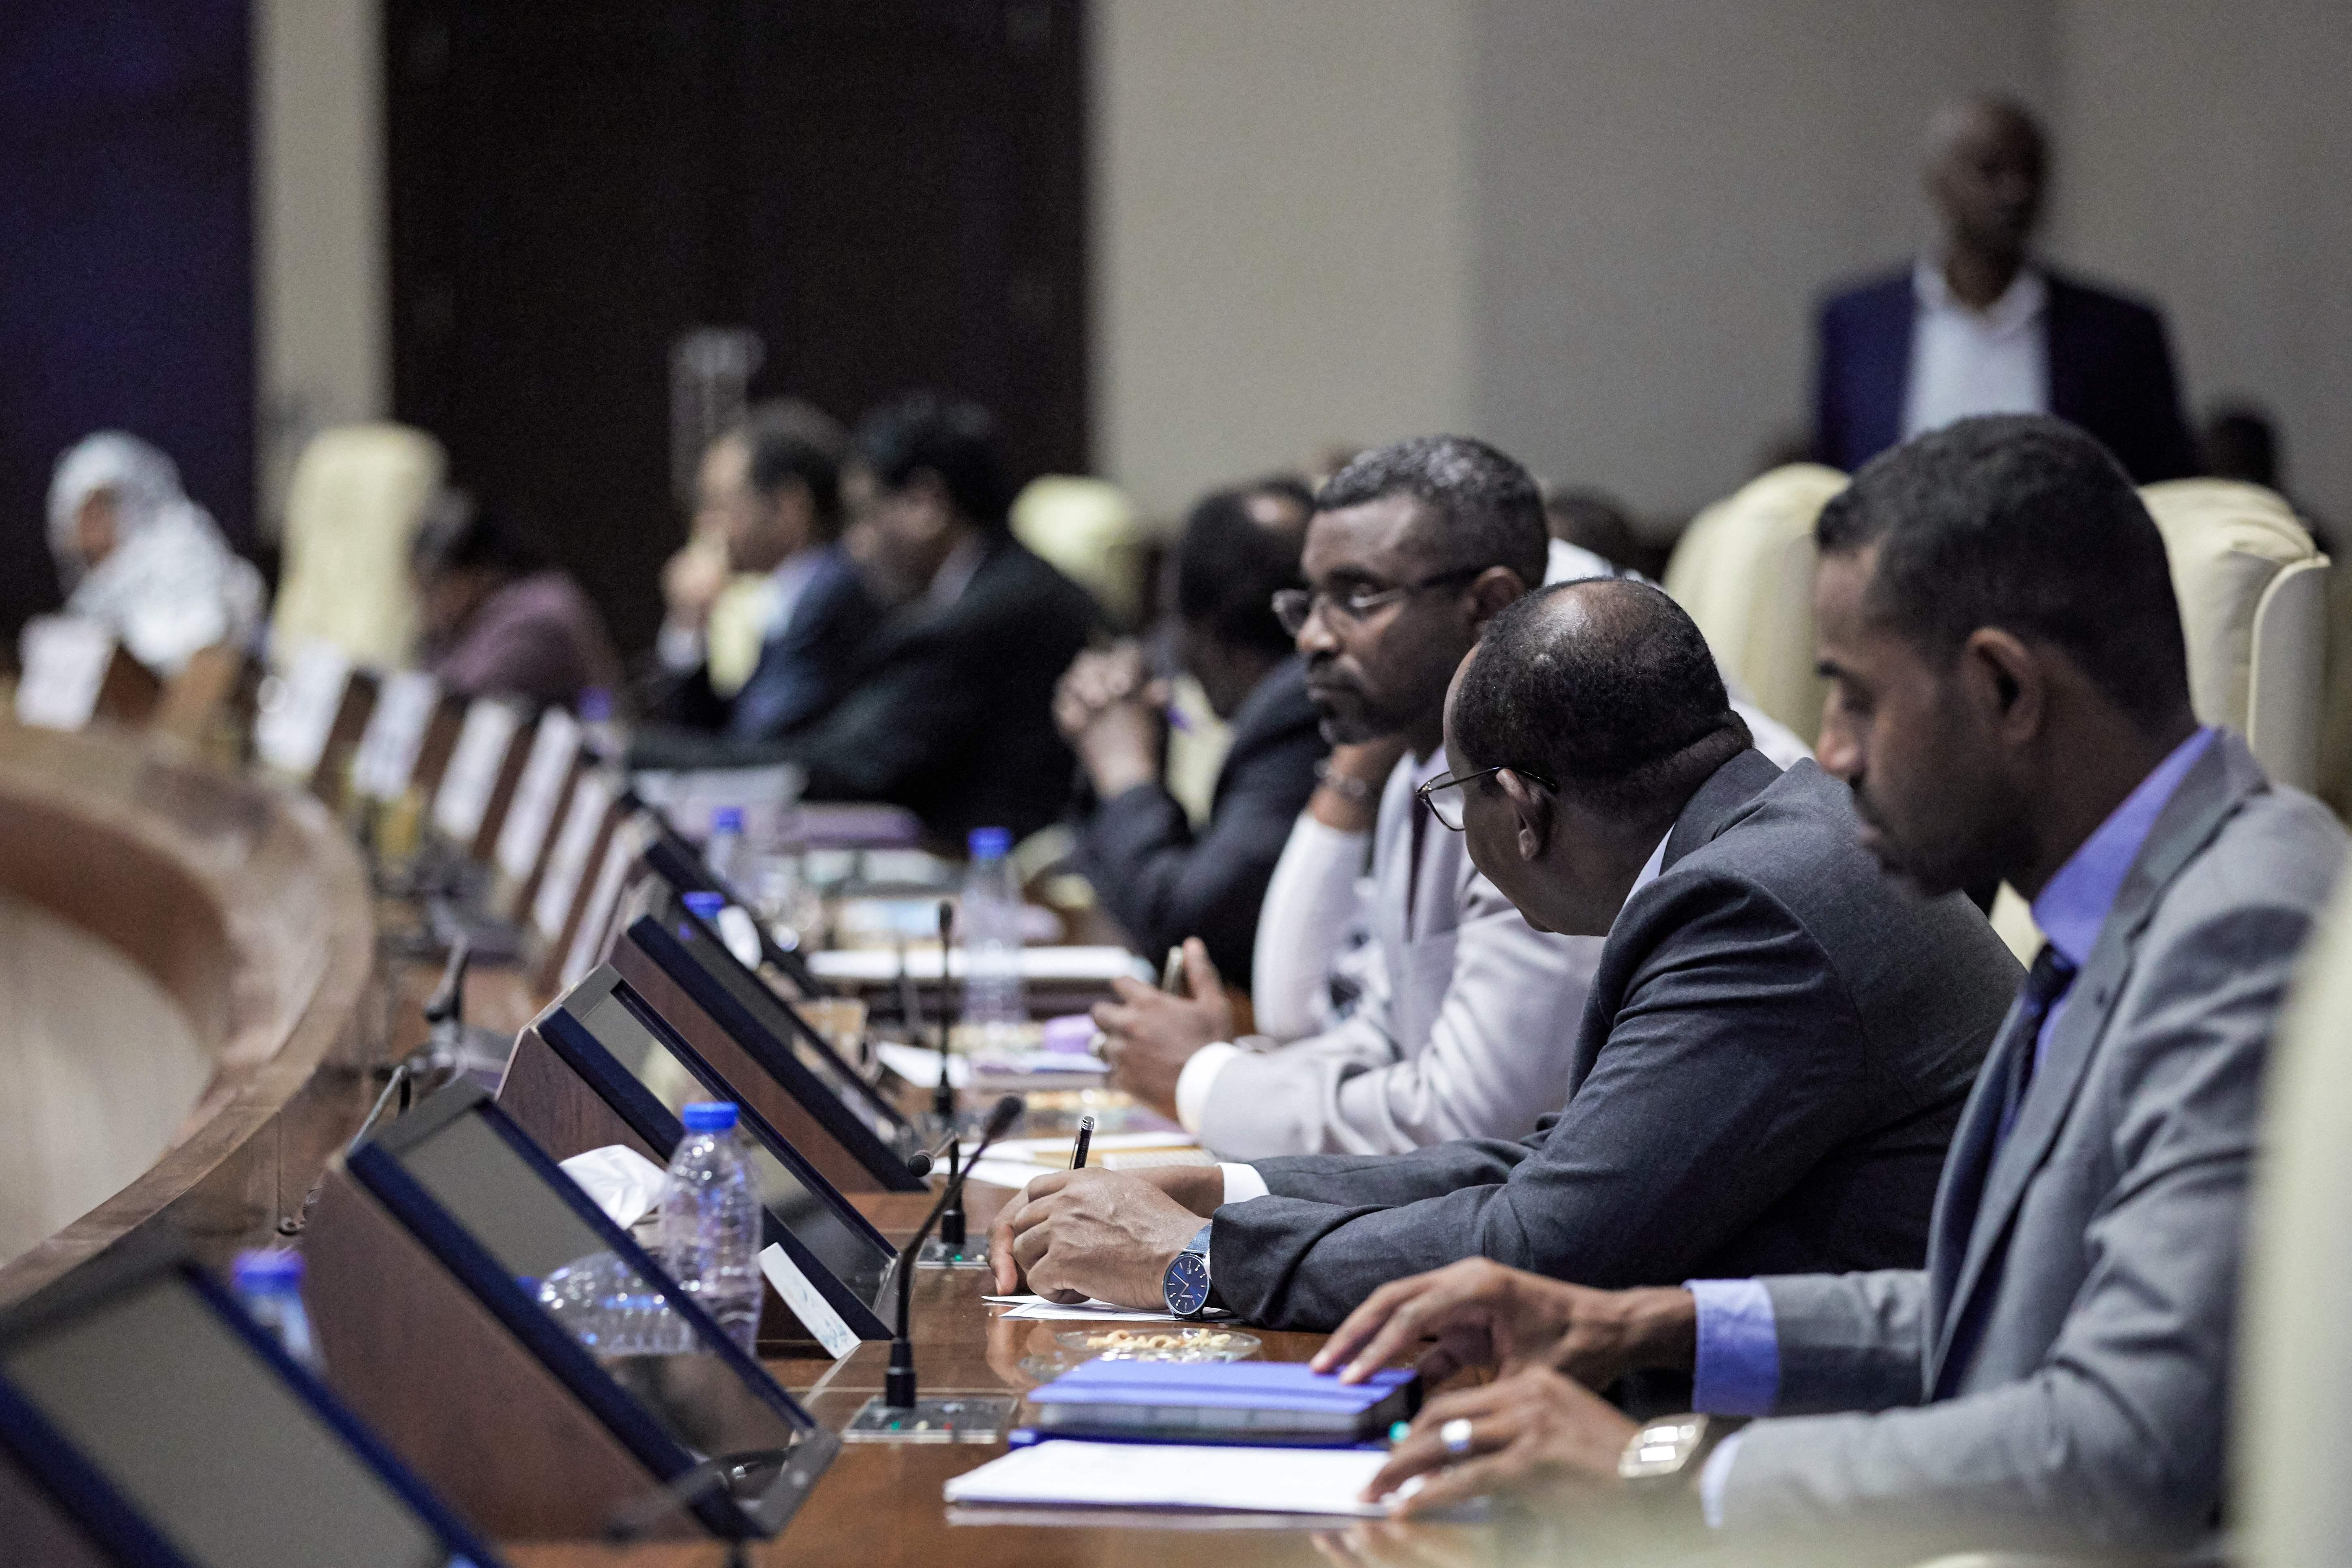 جانب من الاجتماع الطارئ للحكومة السودانية لمناقشة محاولة الانقلاب الفاشلة